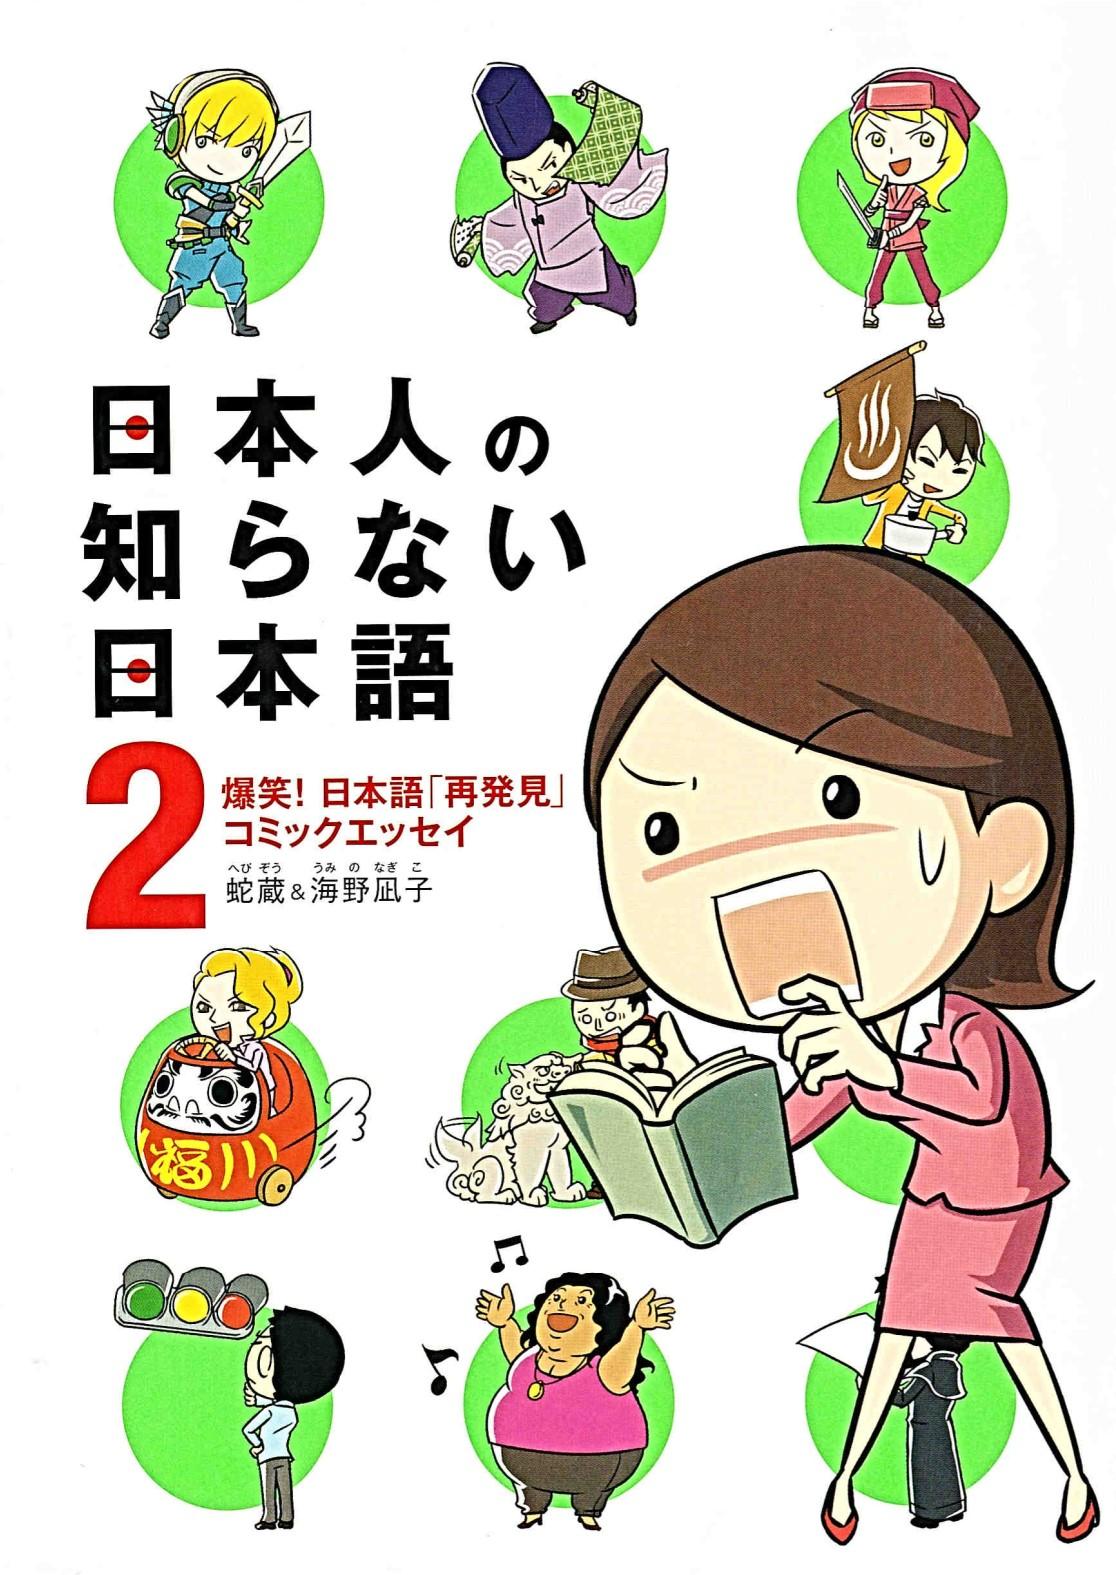 Tiếng Nhật mà người Nhật không biết - Nihonjin no Shiranai Nihongo VietSub (2012)